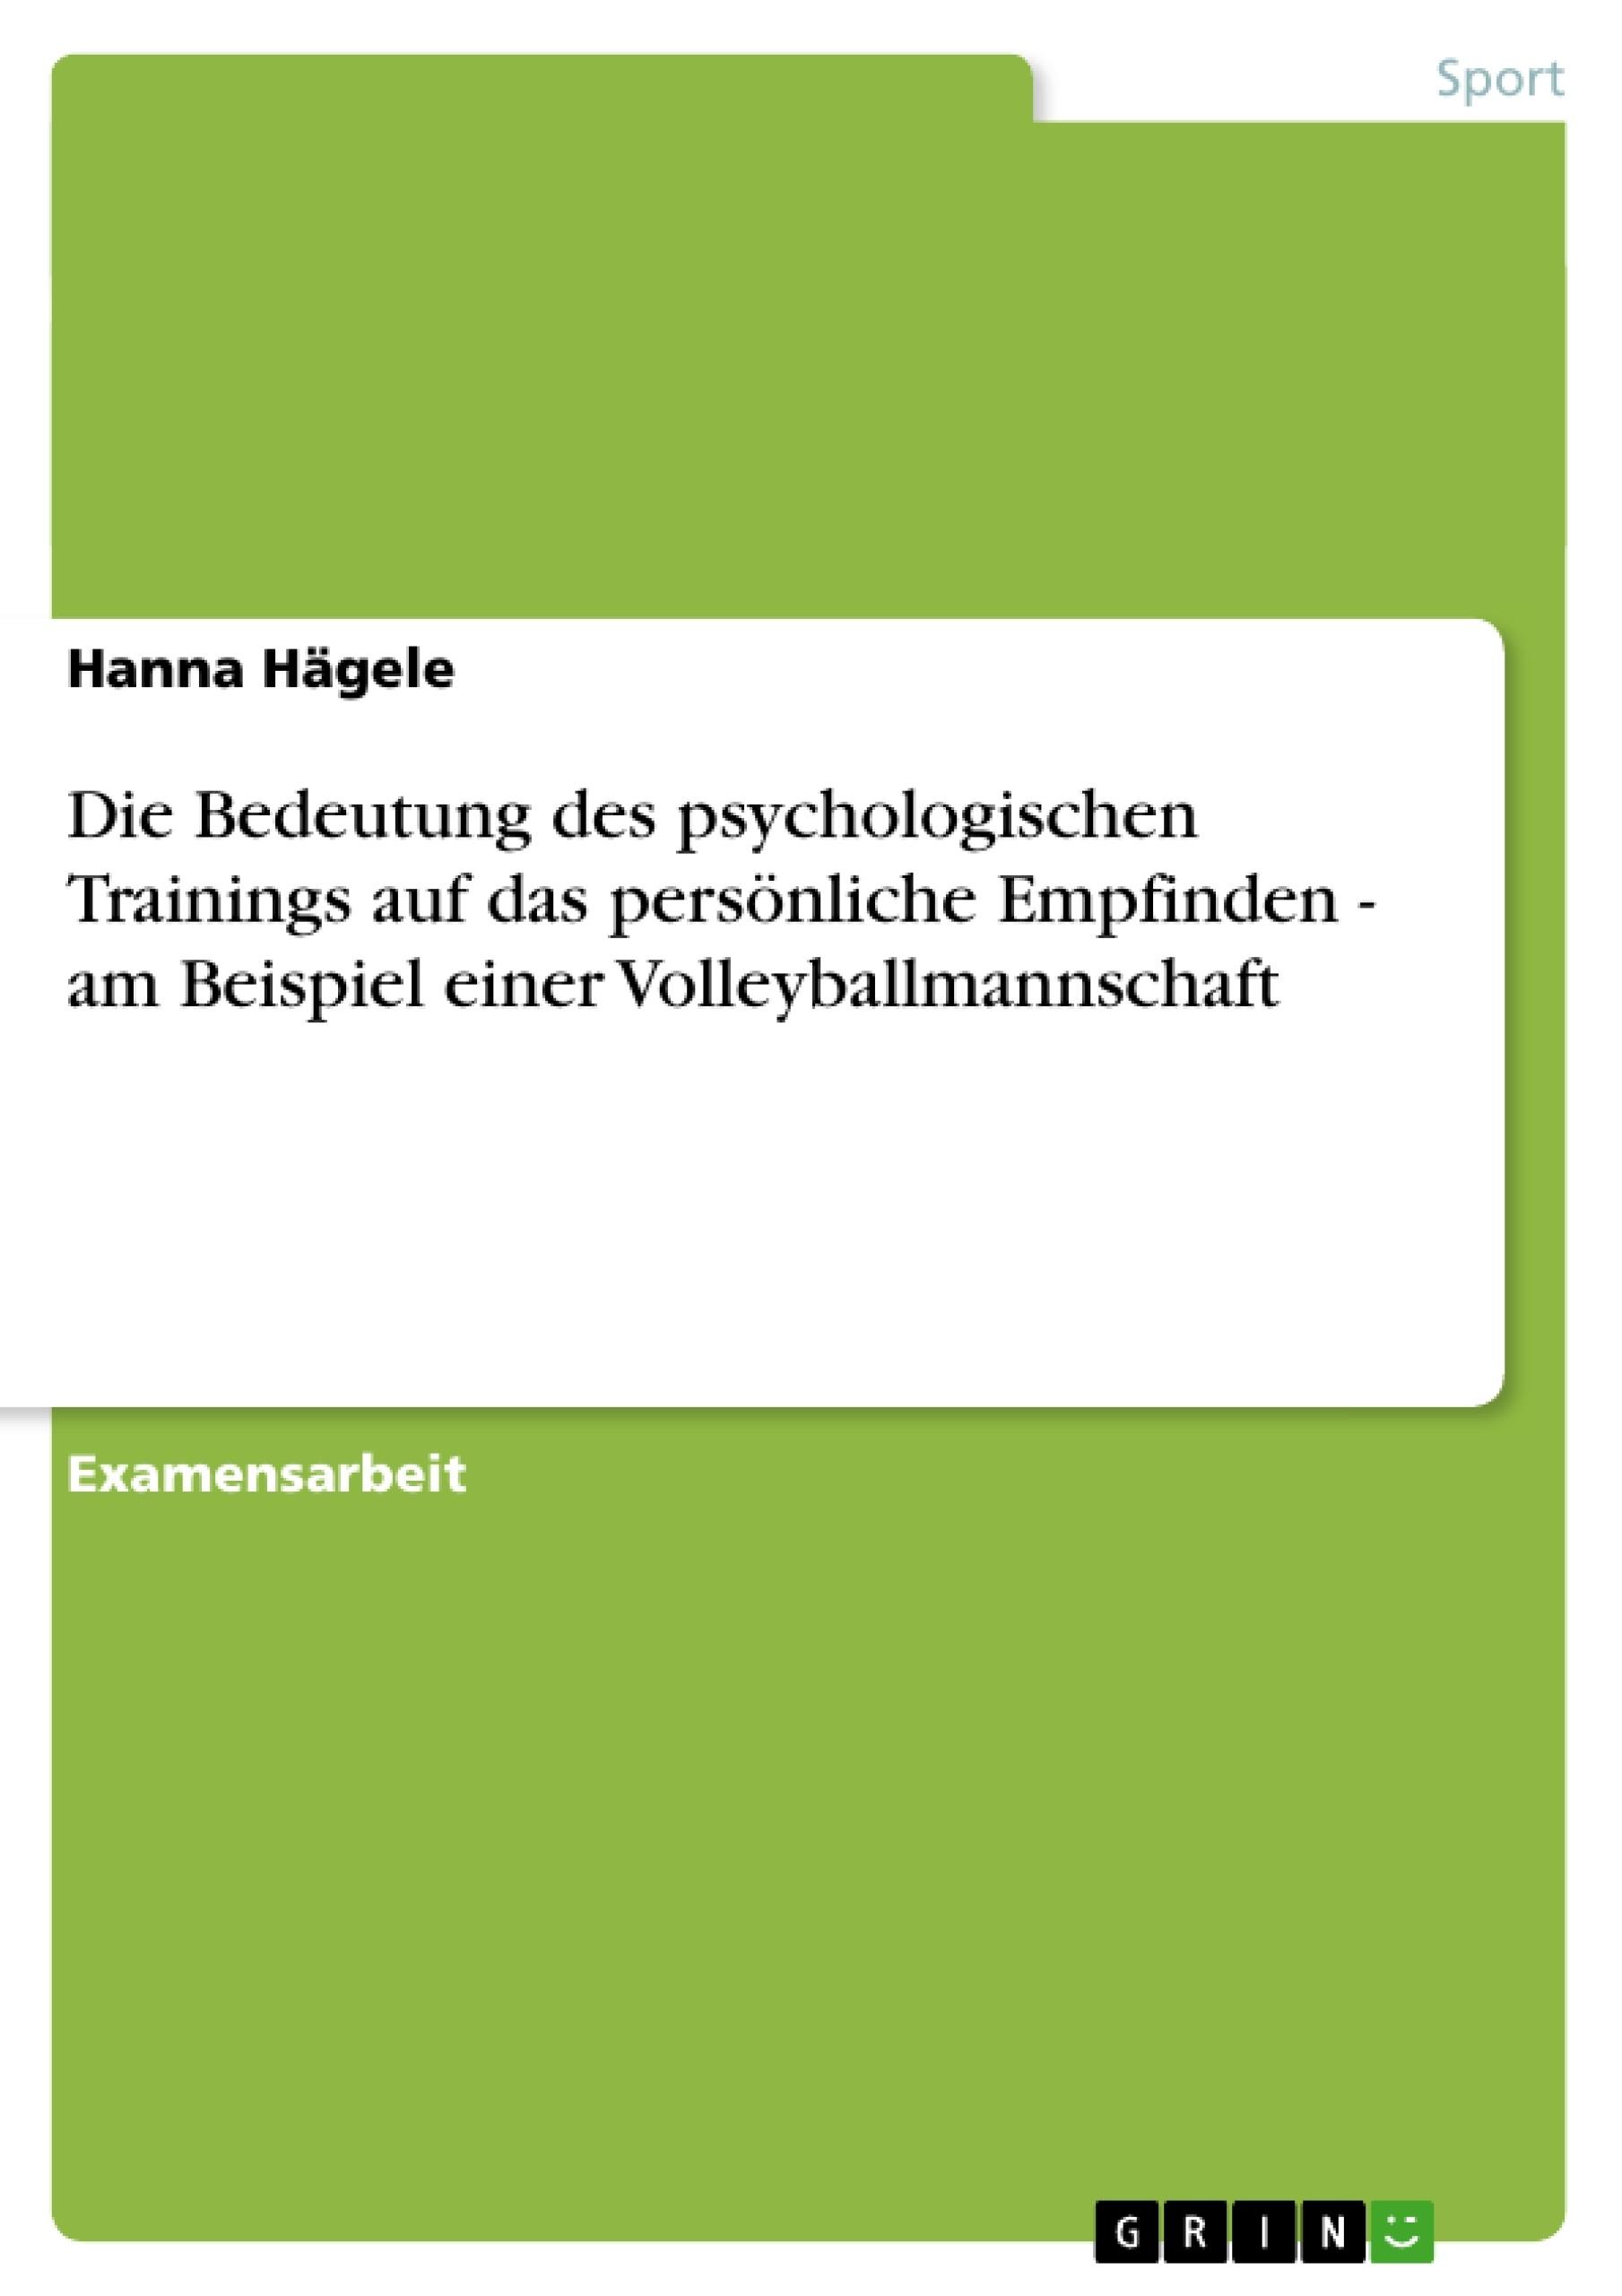 Titel: Die Bedeutung des psychologischen Trainings auf das persönliche Empfinden - am Beispiel einer Volleyballmannschaft